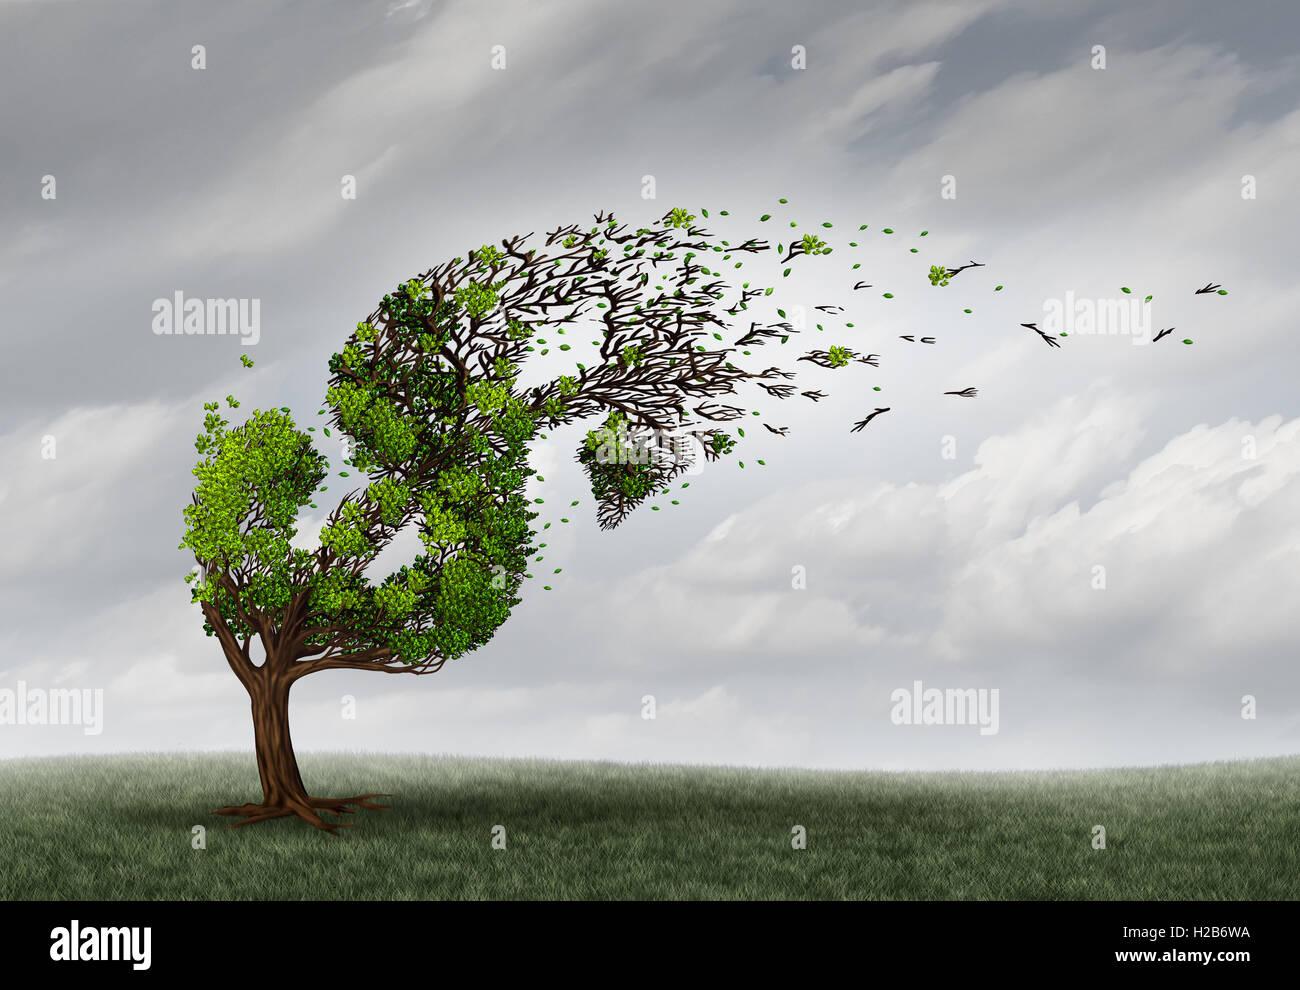 Problèmes financiers et de l'argent de l'adversité ou crise économique concept comme un arbre Photo Stock